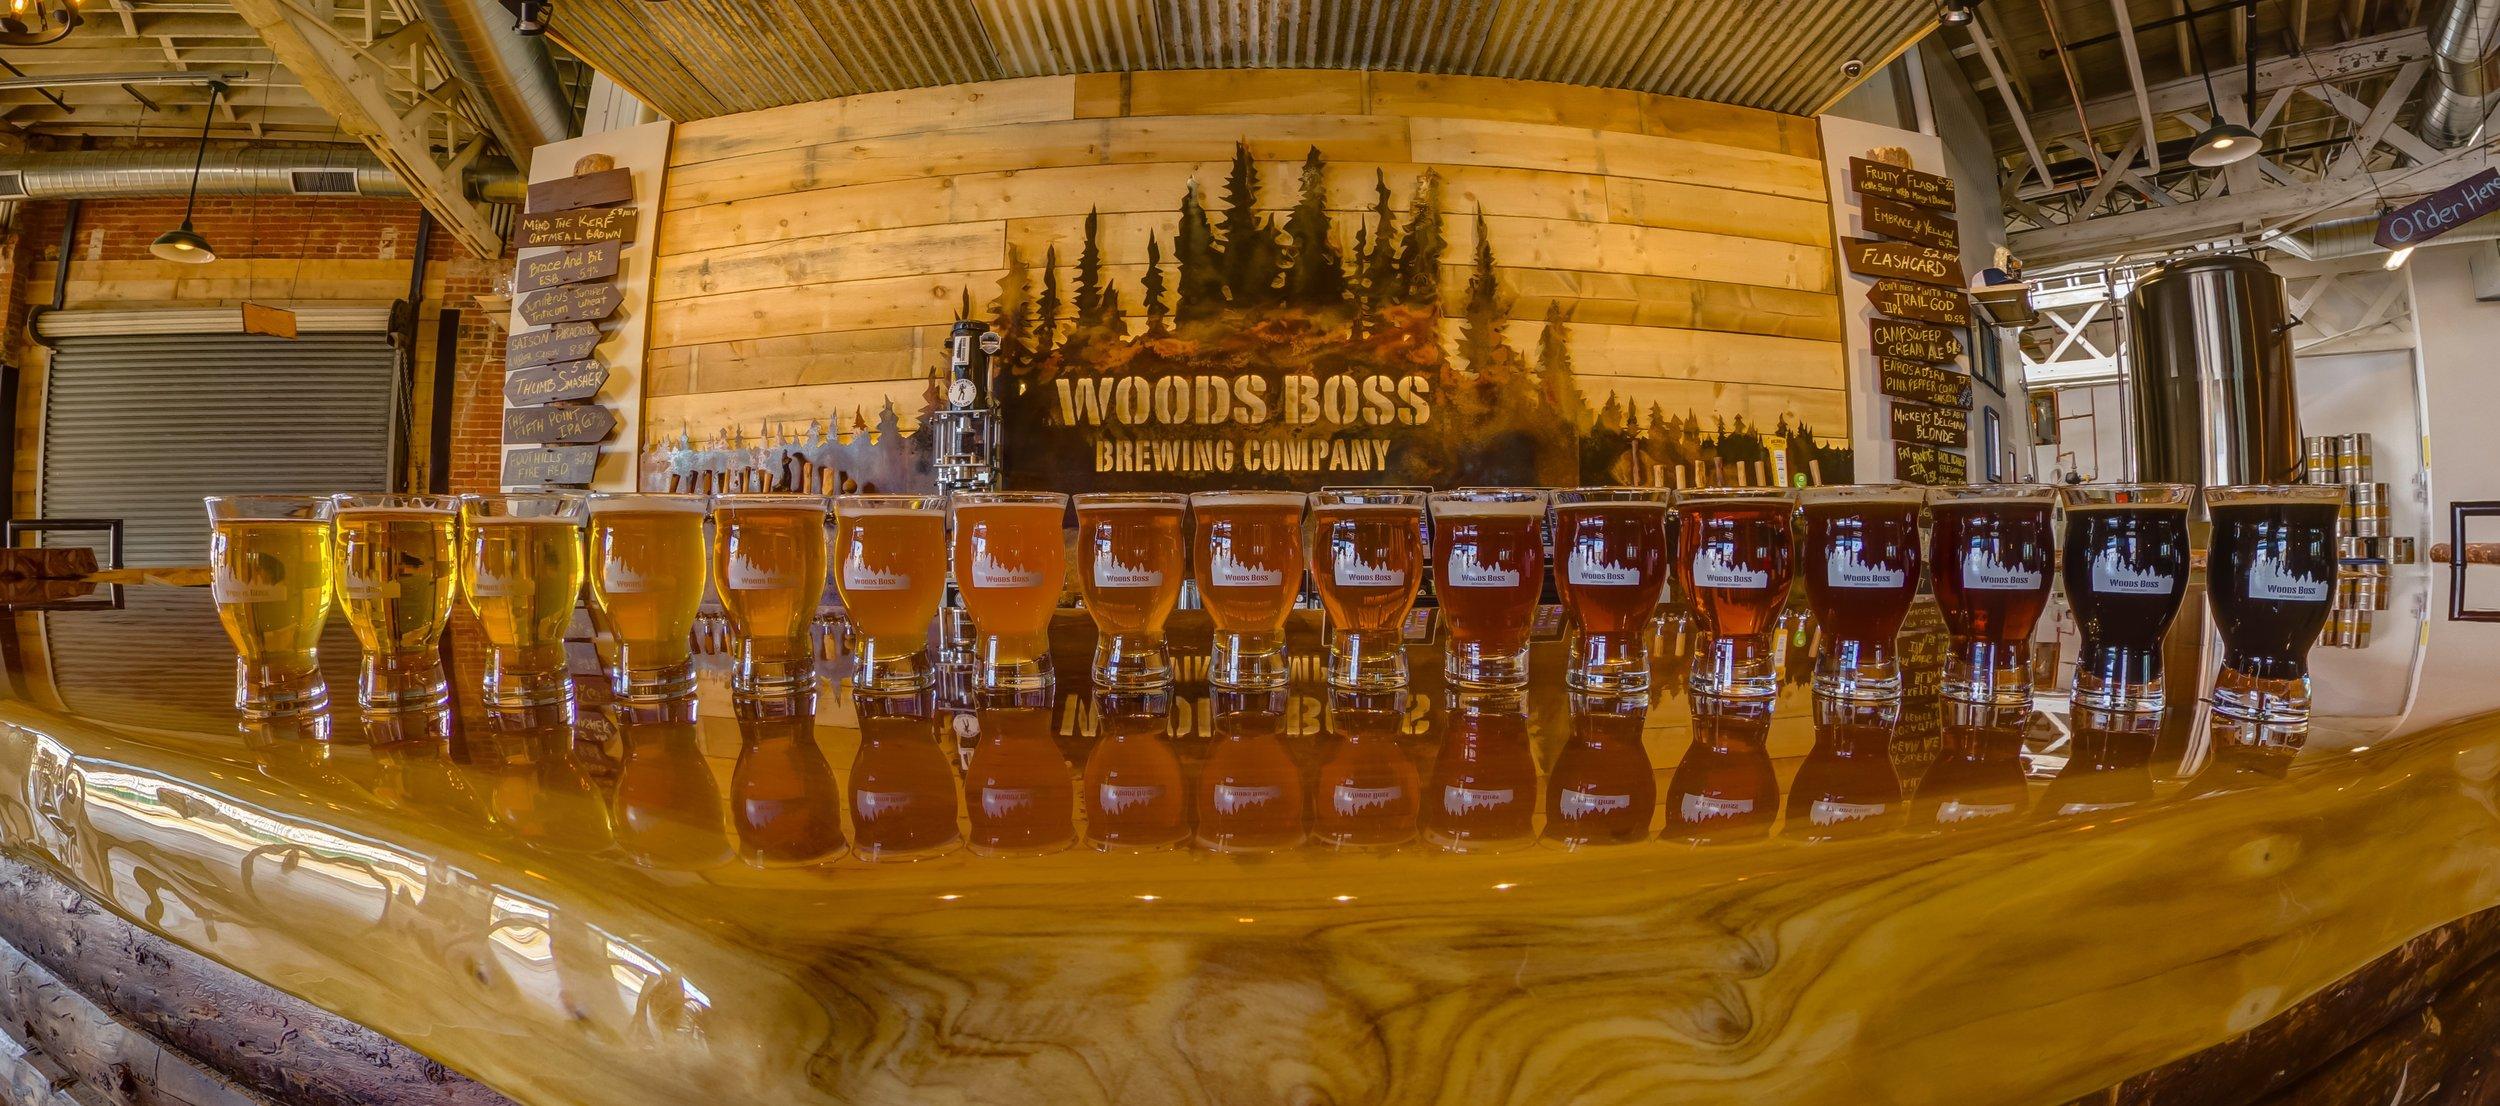 Woods-Boss-PANO_00500 Panorama_CROP.jpg